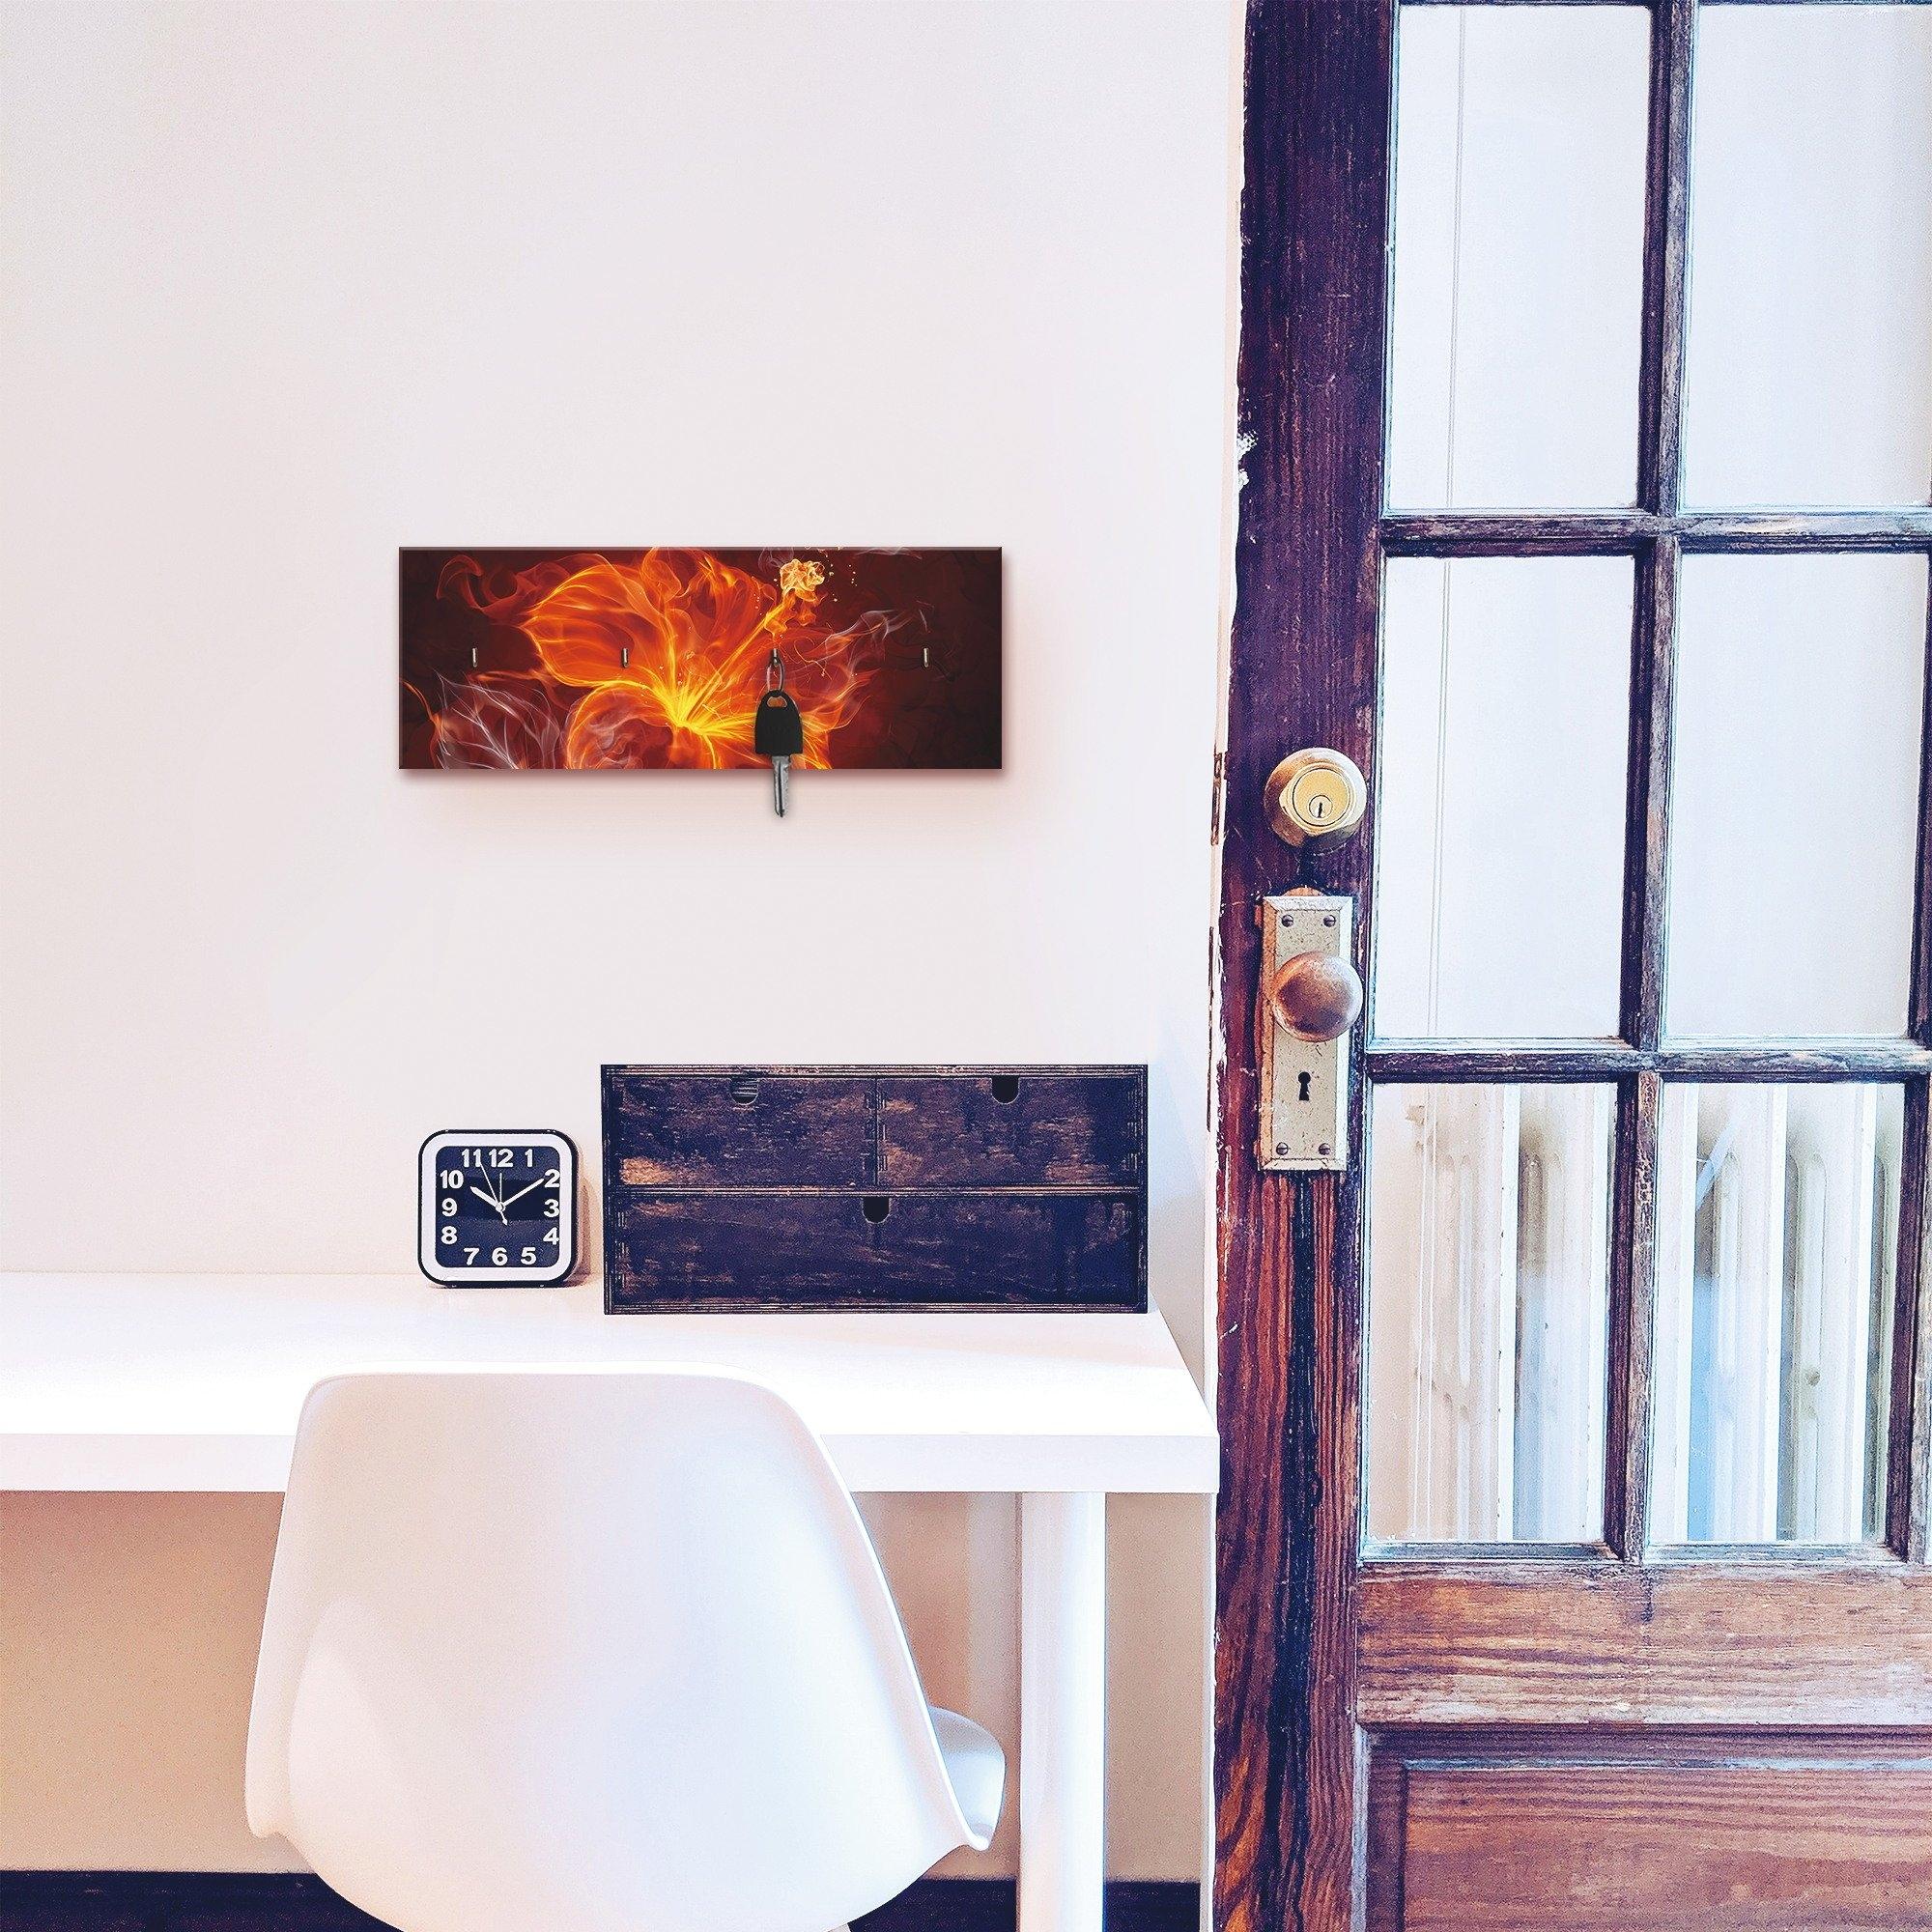 Artland Sleutelbord Vuurbloem van hout met 4 sleutelhaakjes – sleutelbord, sleutelborden, sleutelhouder, sleutelhanger voor de hal – stijl: modern - verschillende betaalmethodes